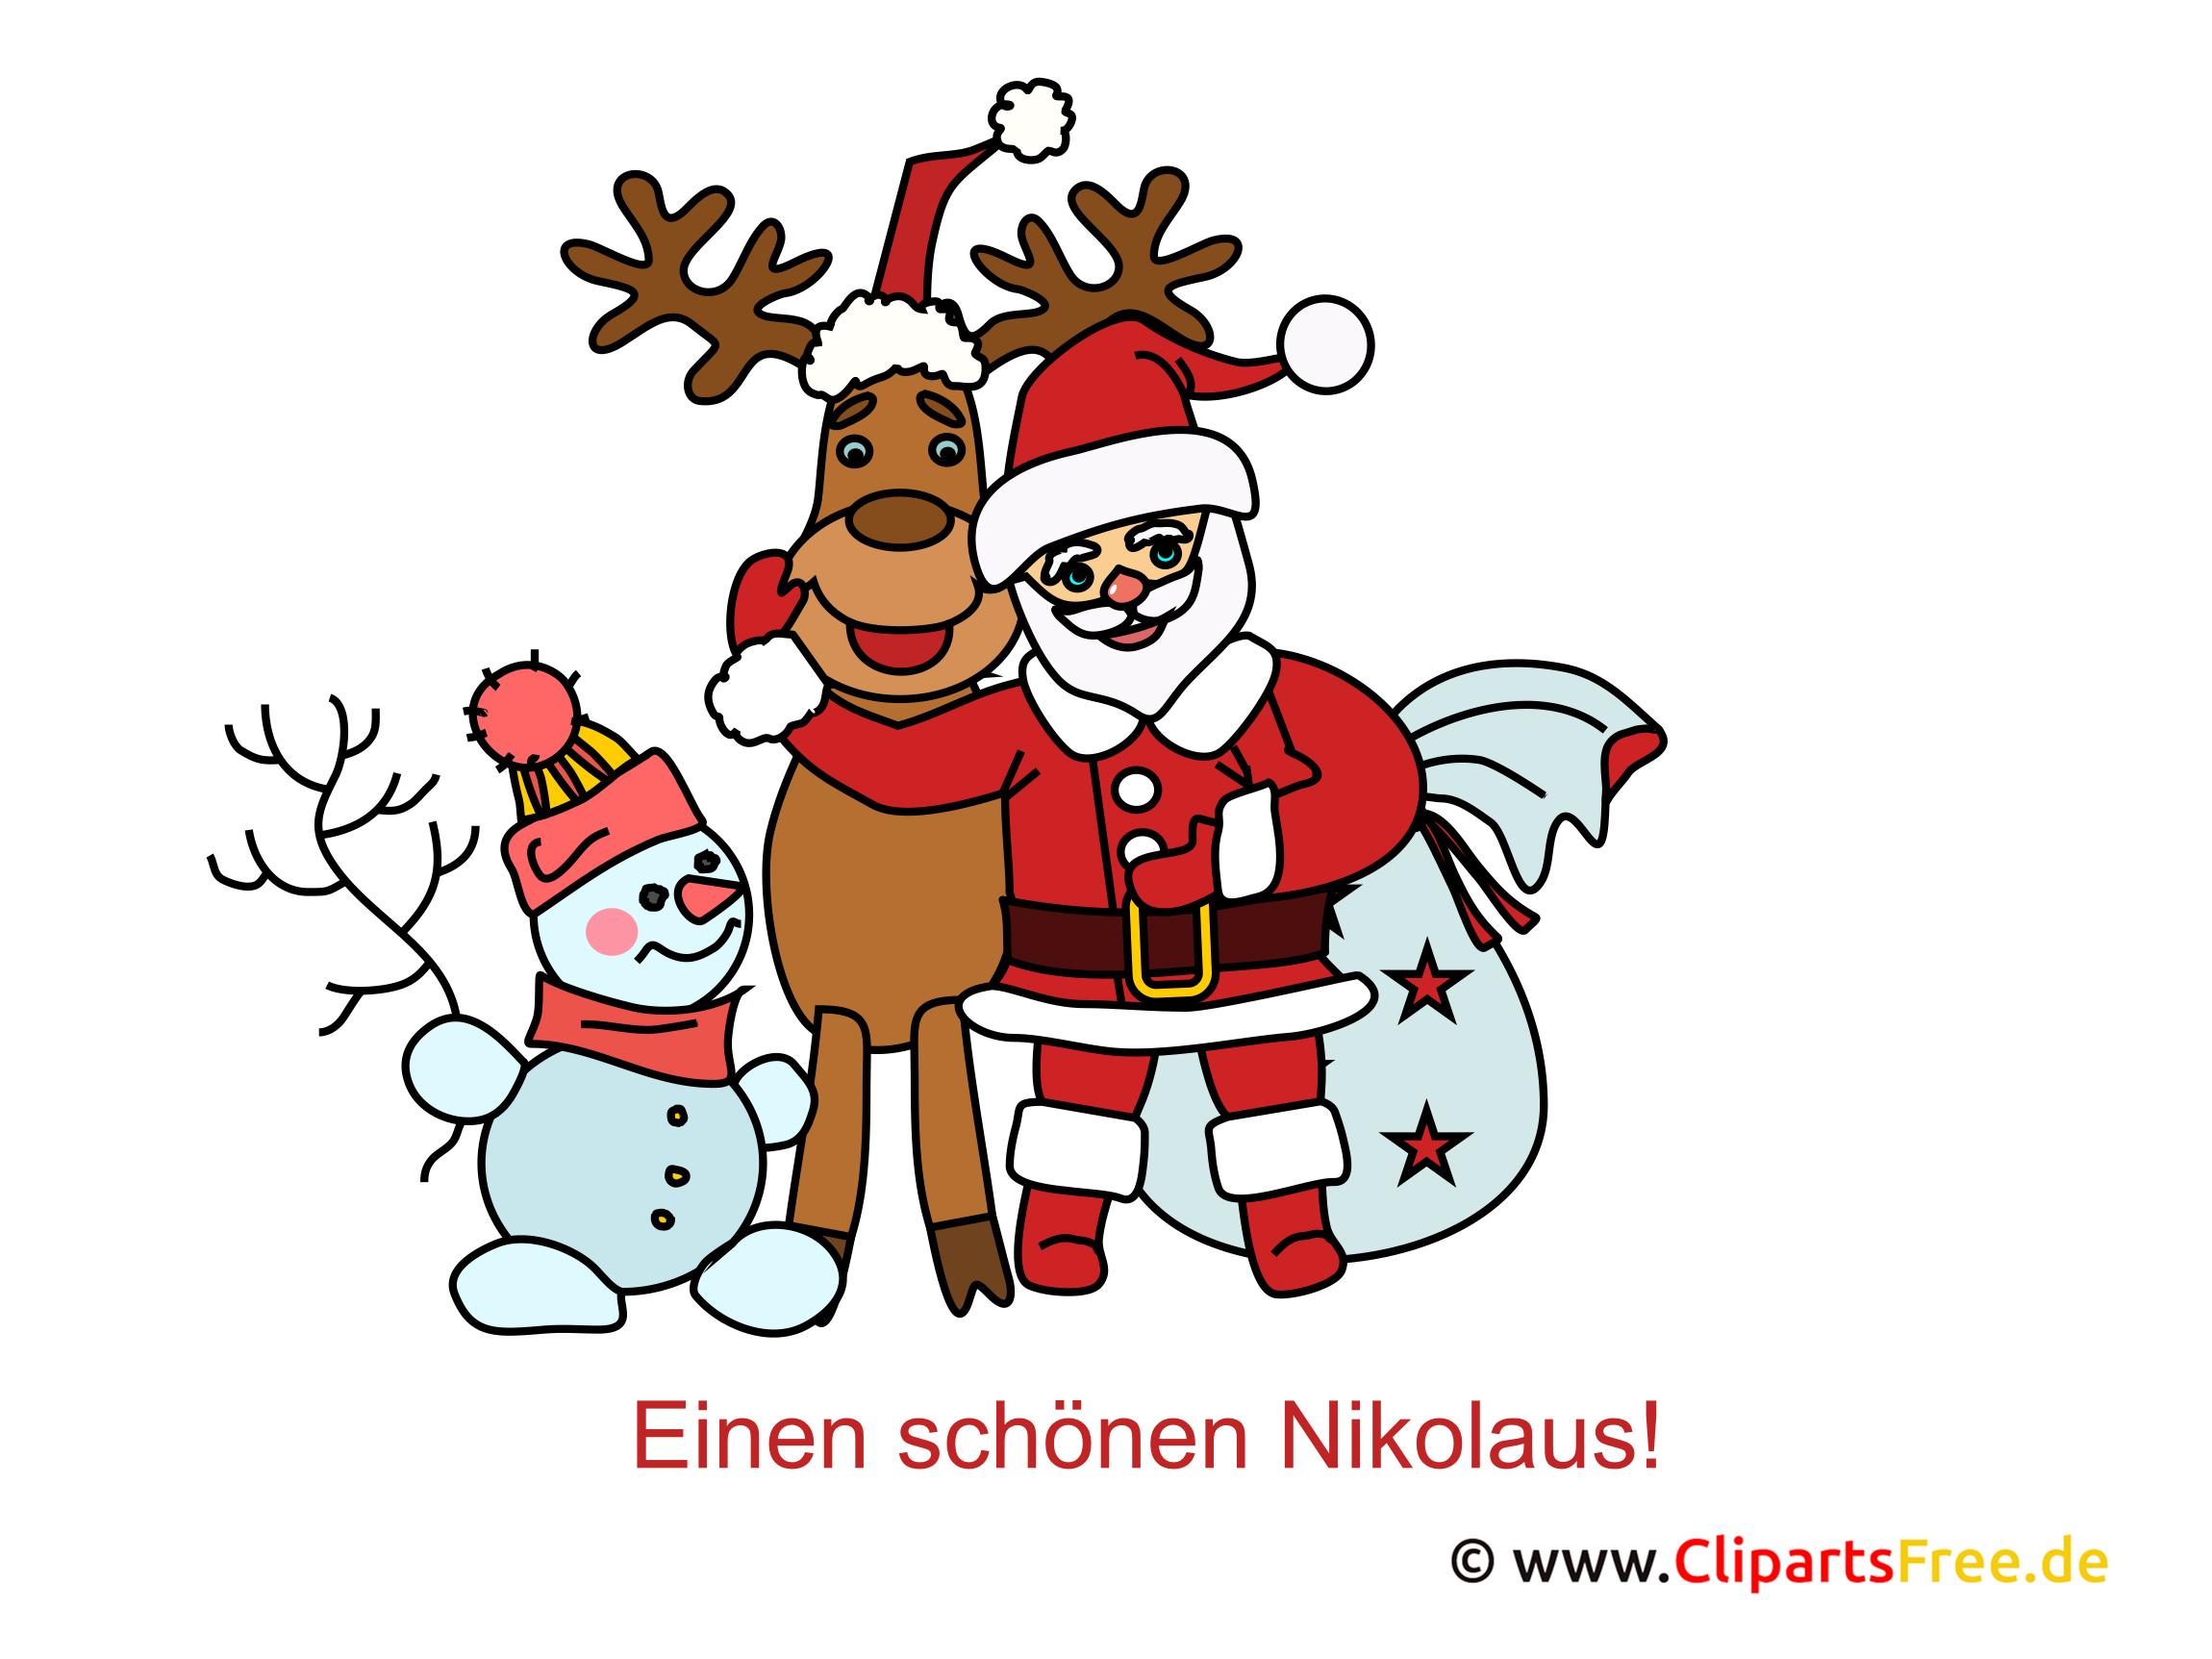 Bilder zu Nikolaustag